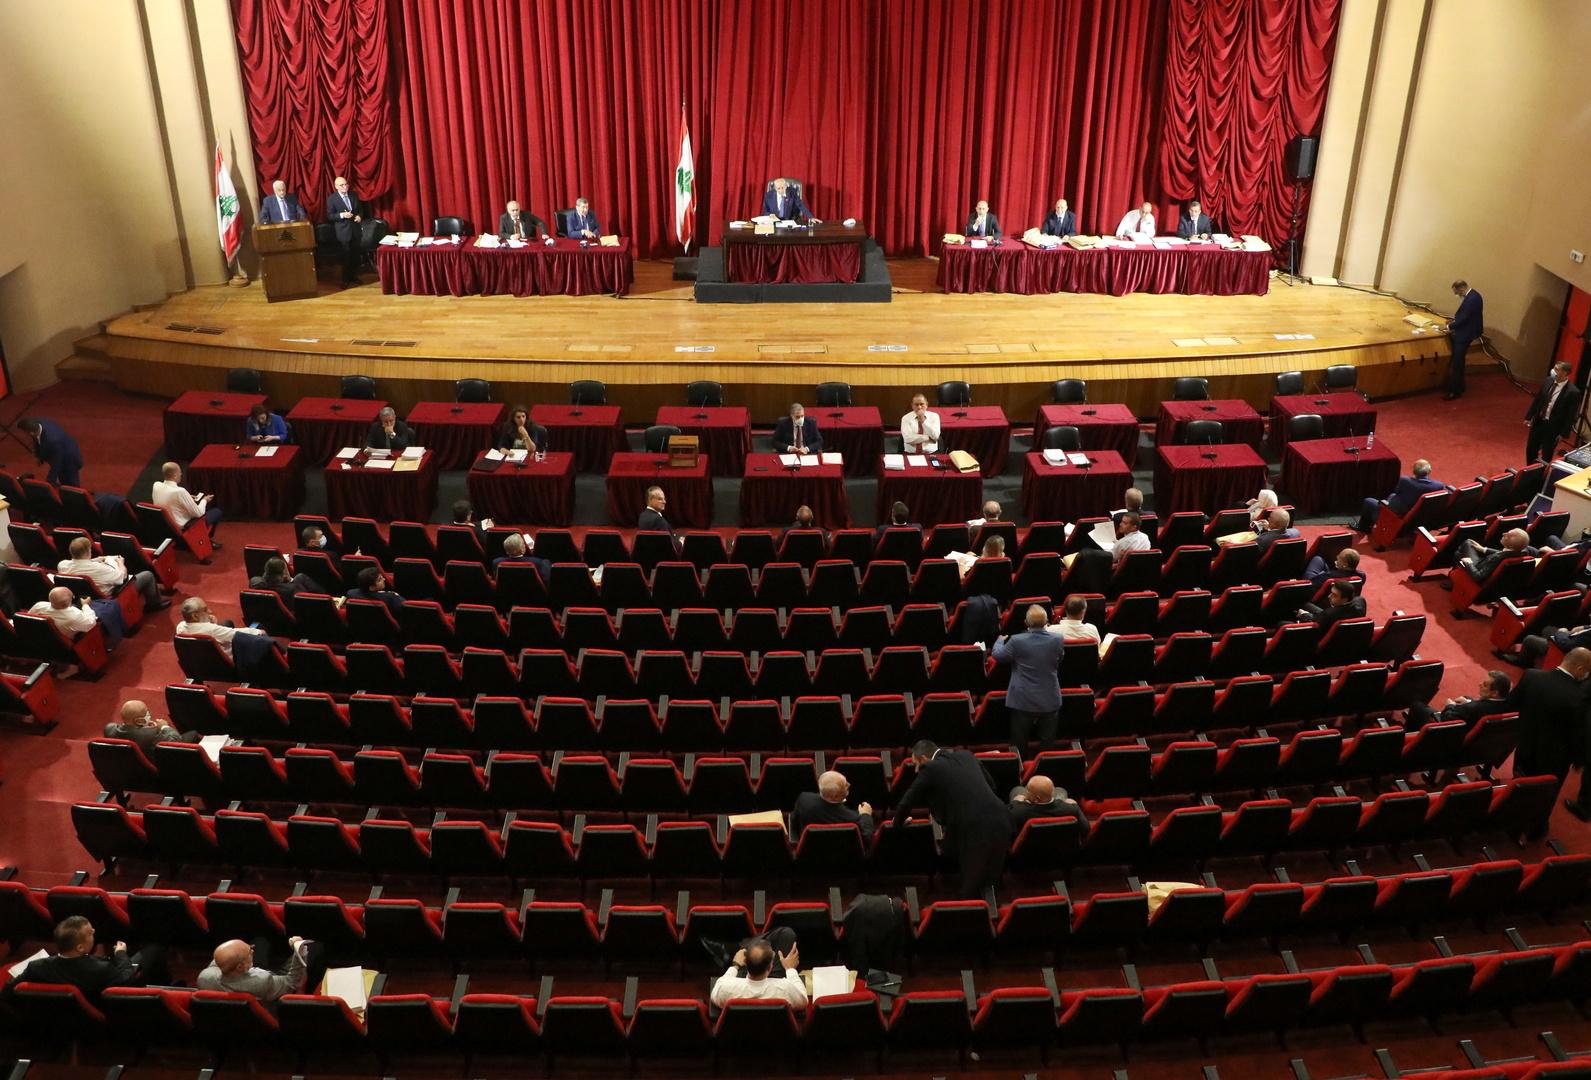 قصر الاونيسكو، المقر البديل للبرلمان اللبناني